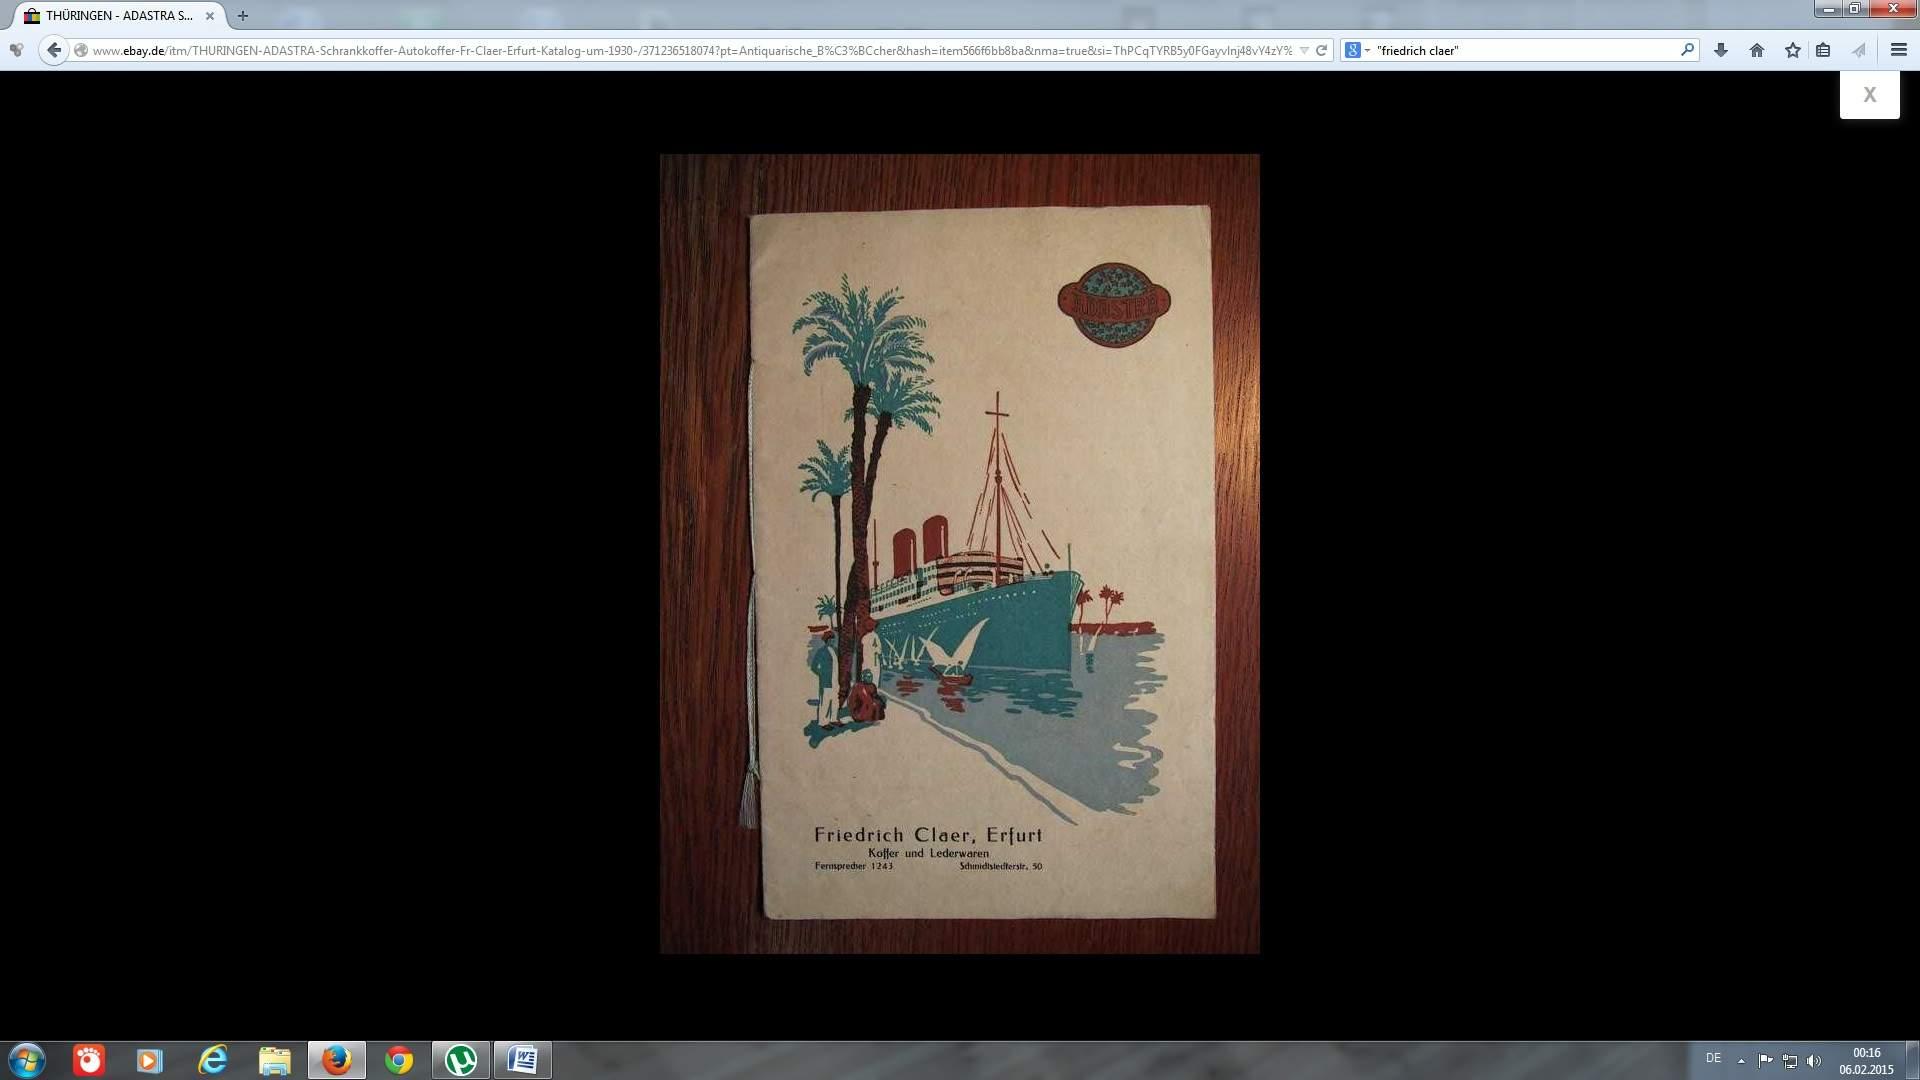 katalog friedrich claer koffer und lederwaren erfurt ca 1930